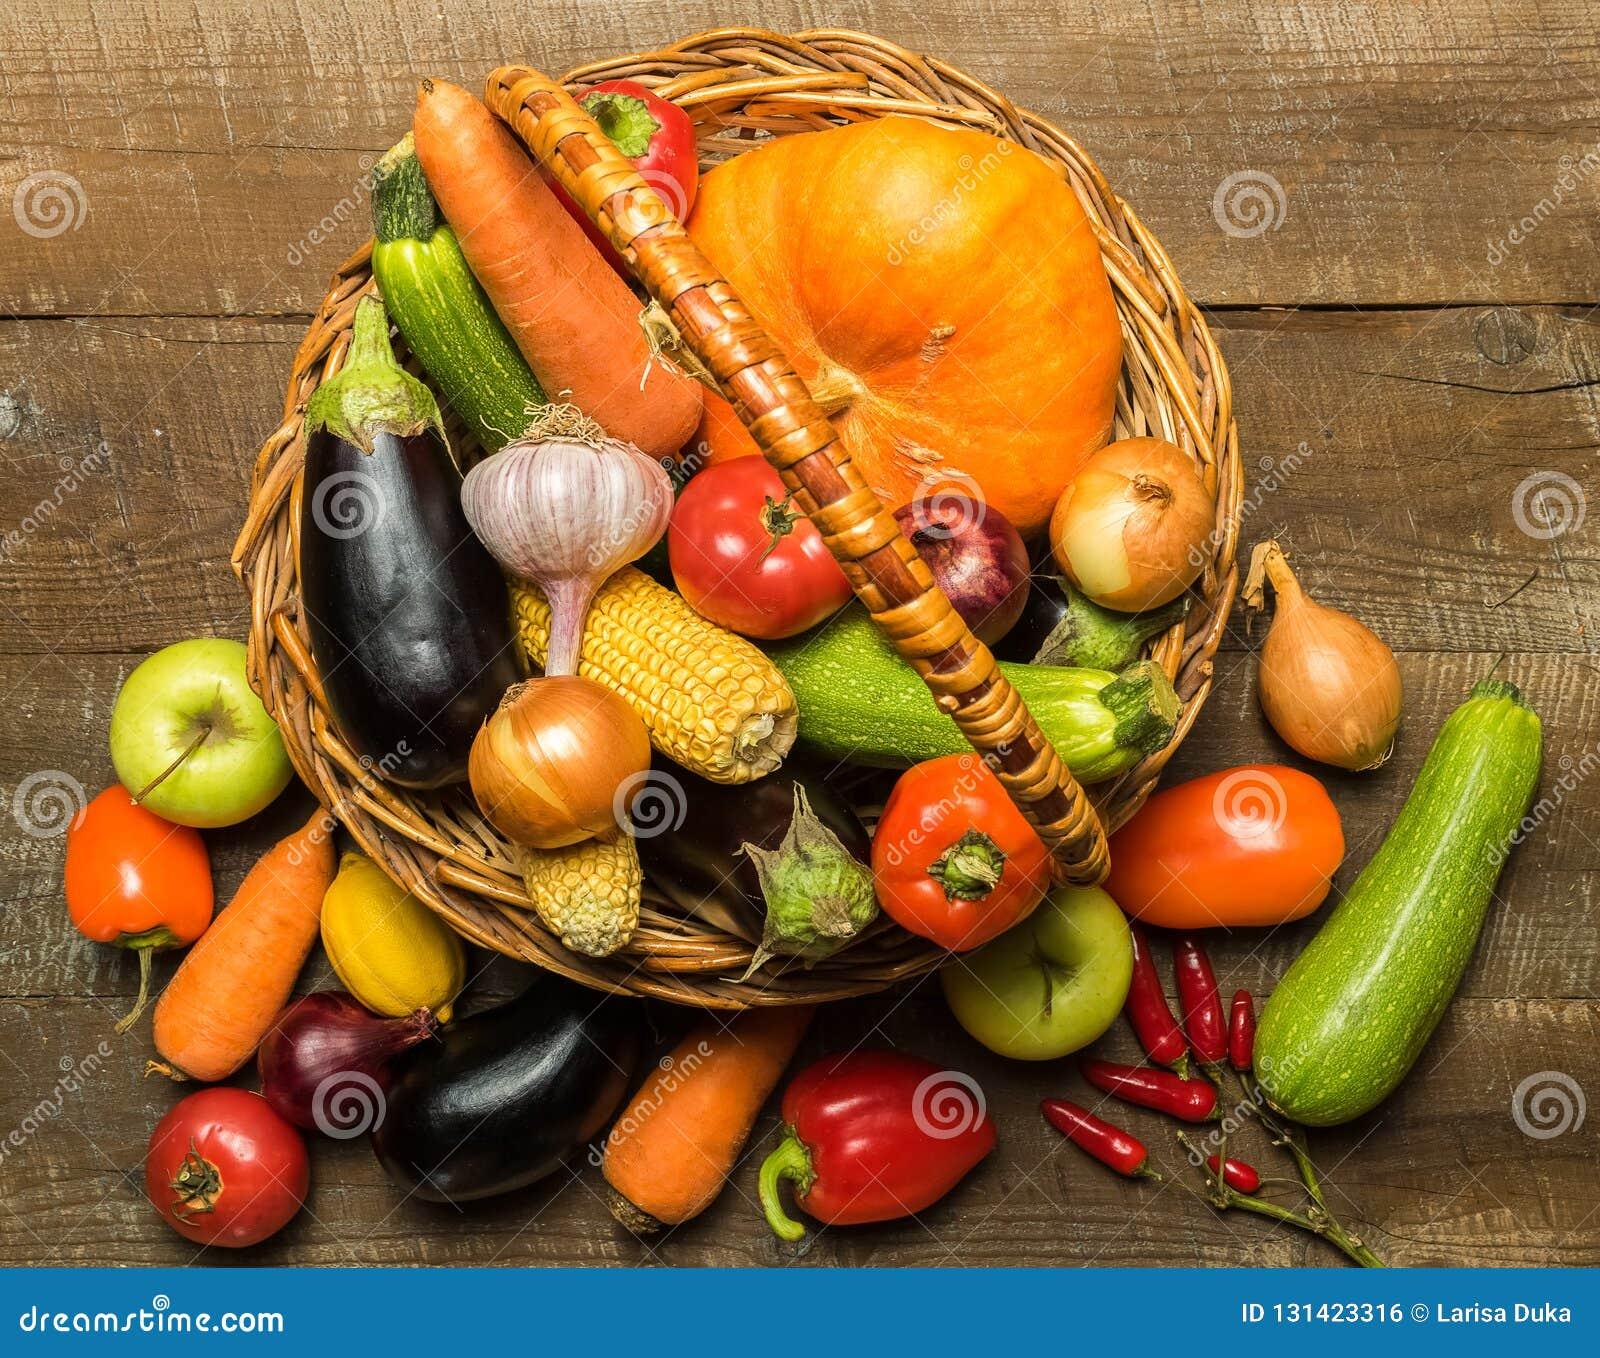 корзина с различными овощами над деревенской деревянной